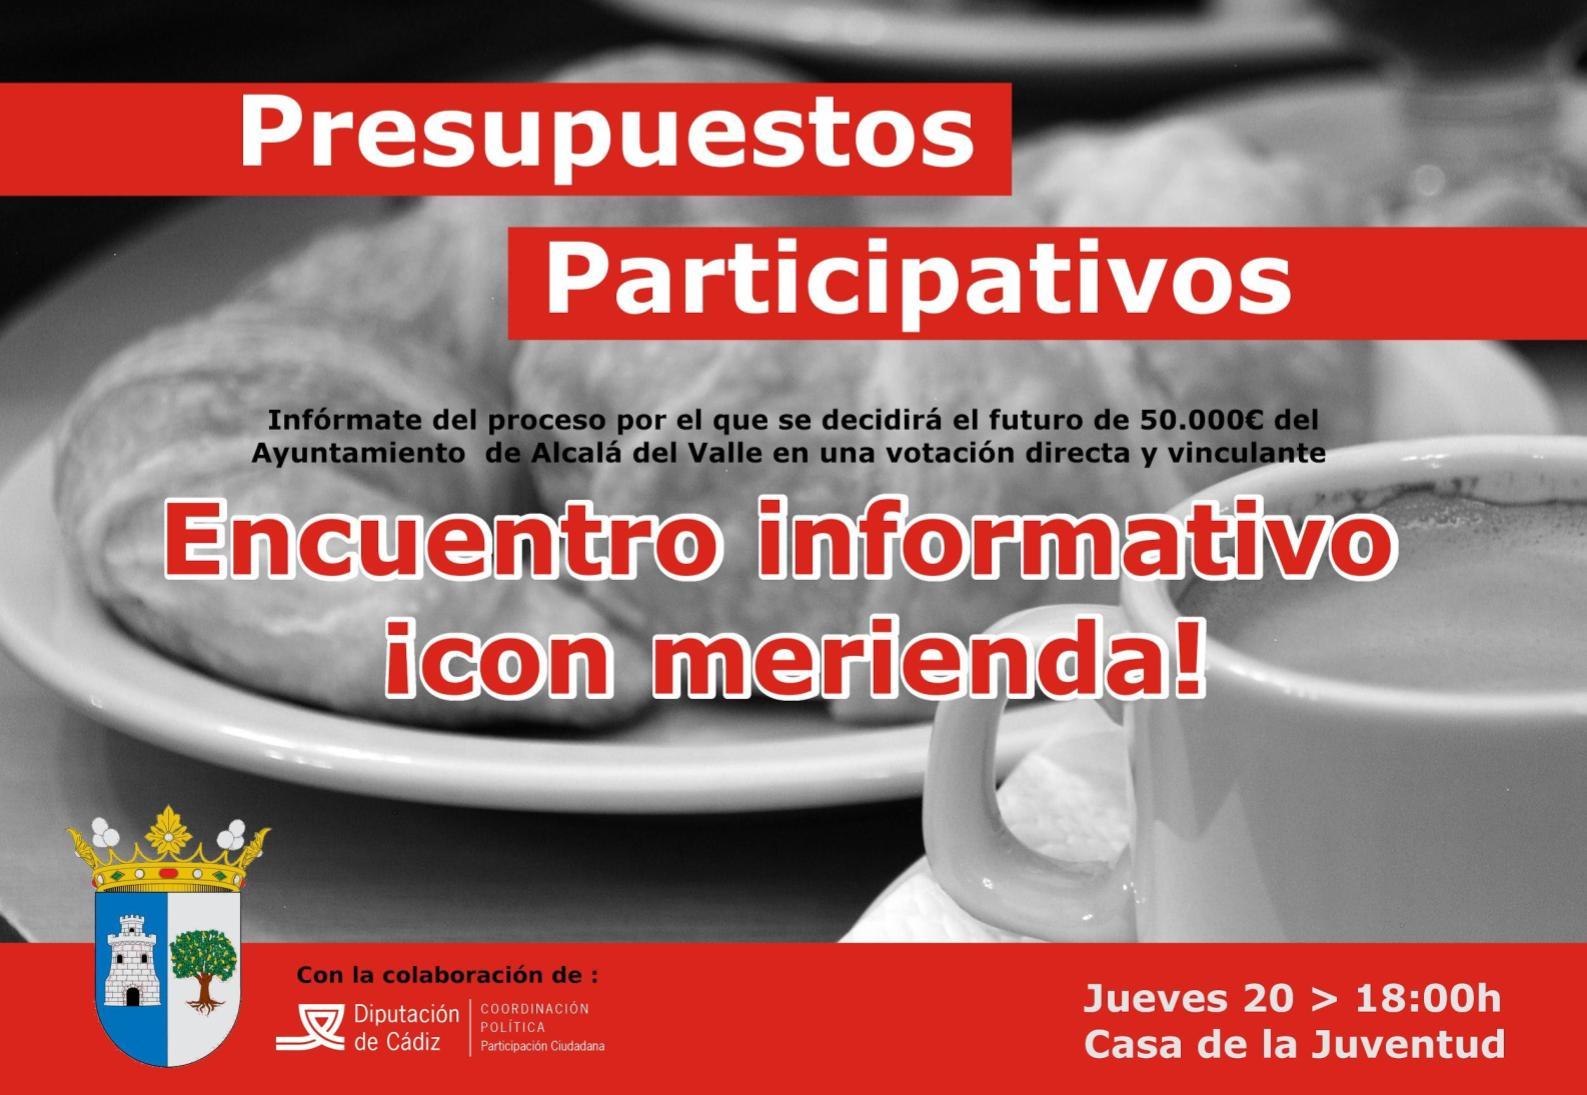 Imagen de la noticia Presupuestos Participativos de Alcalá del Valle 2017